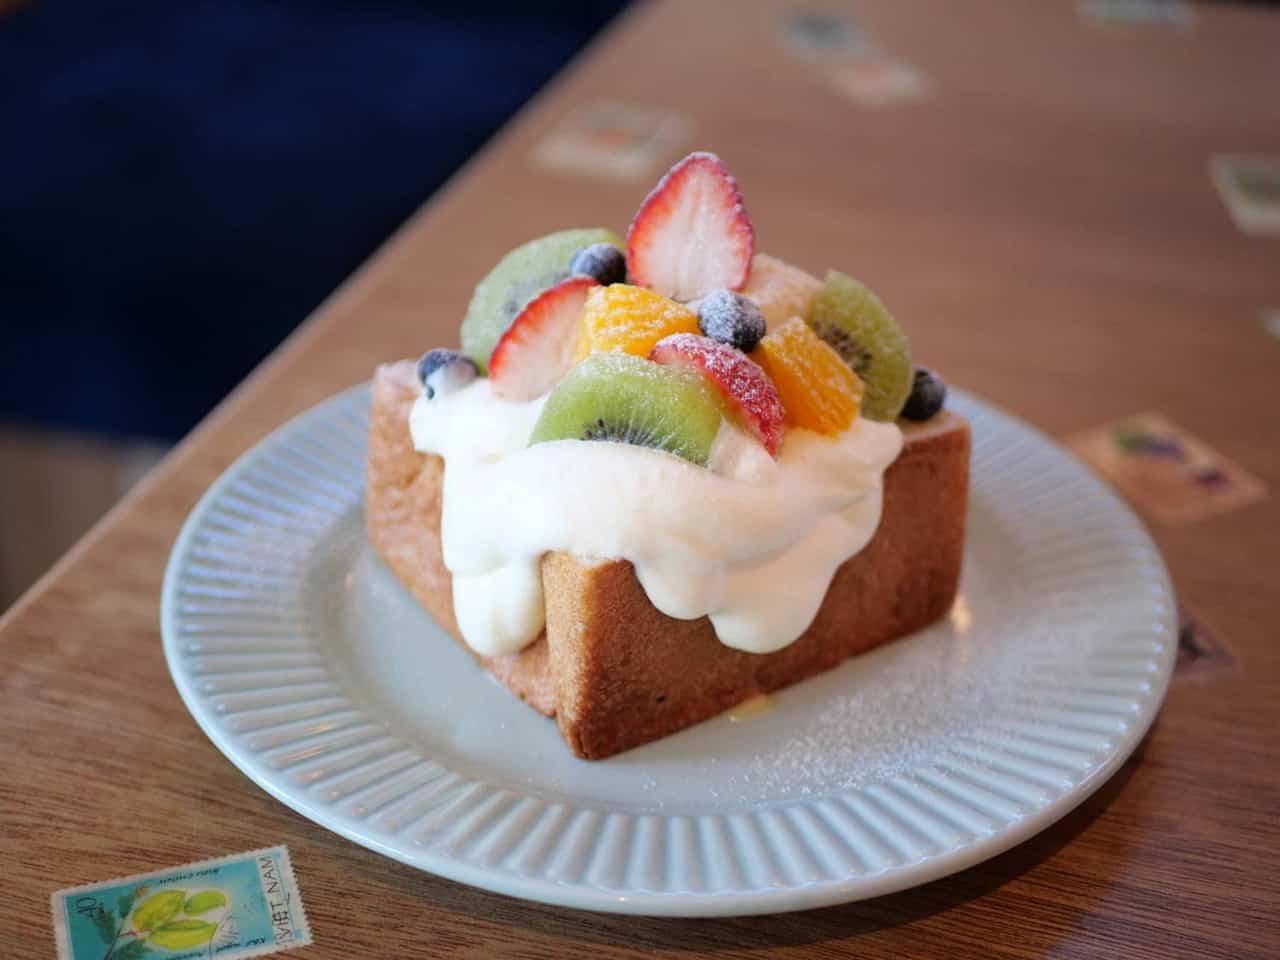 Futsuuni Furuutsu ขนมปังโทสต์ที่ด้านบนมีผลไม้หลากหลายชนิด